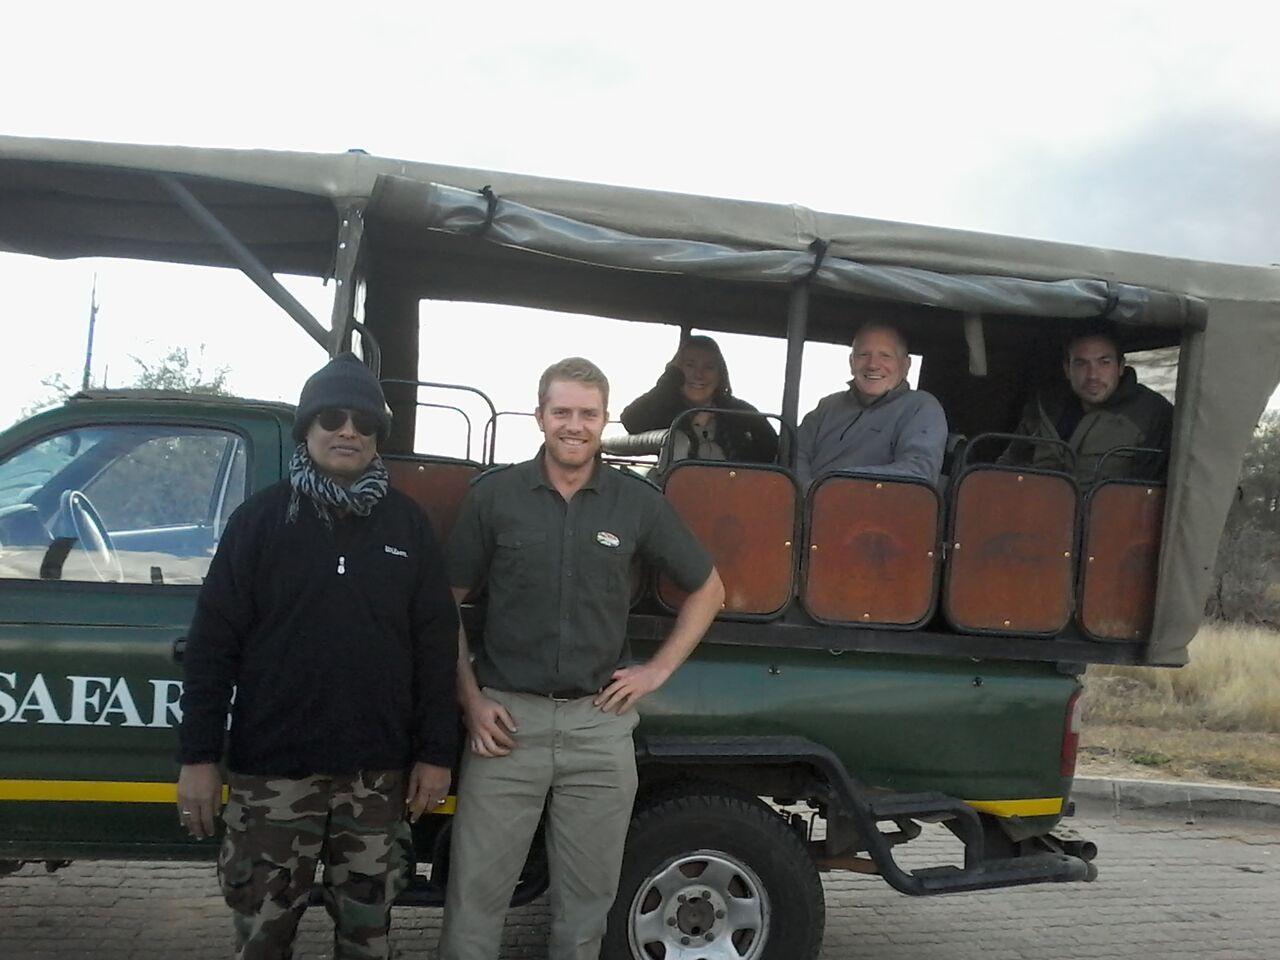 Kruger - South Africa - 2015